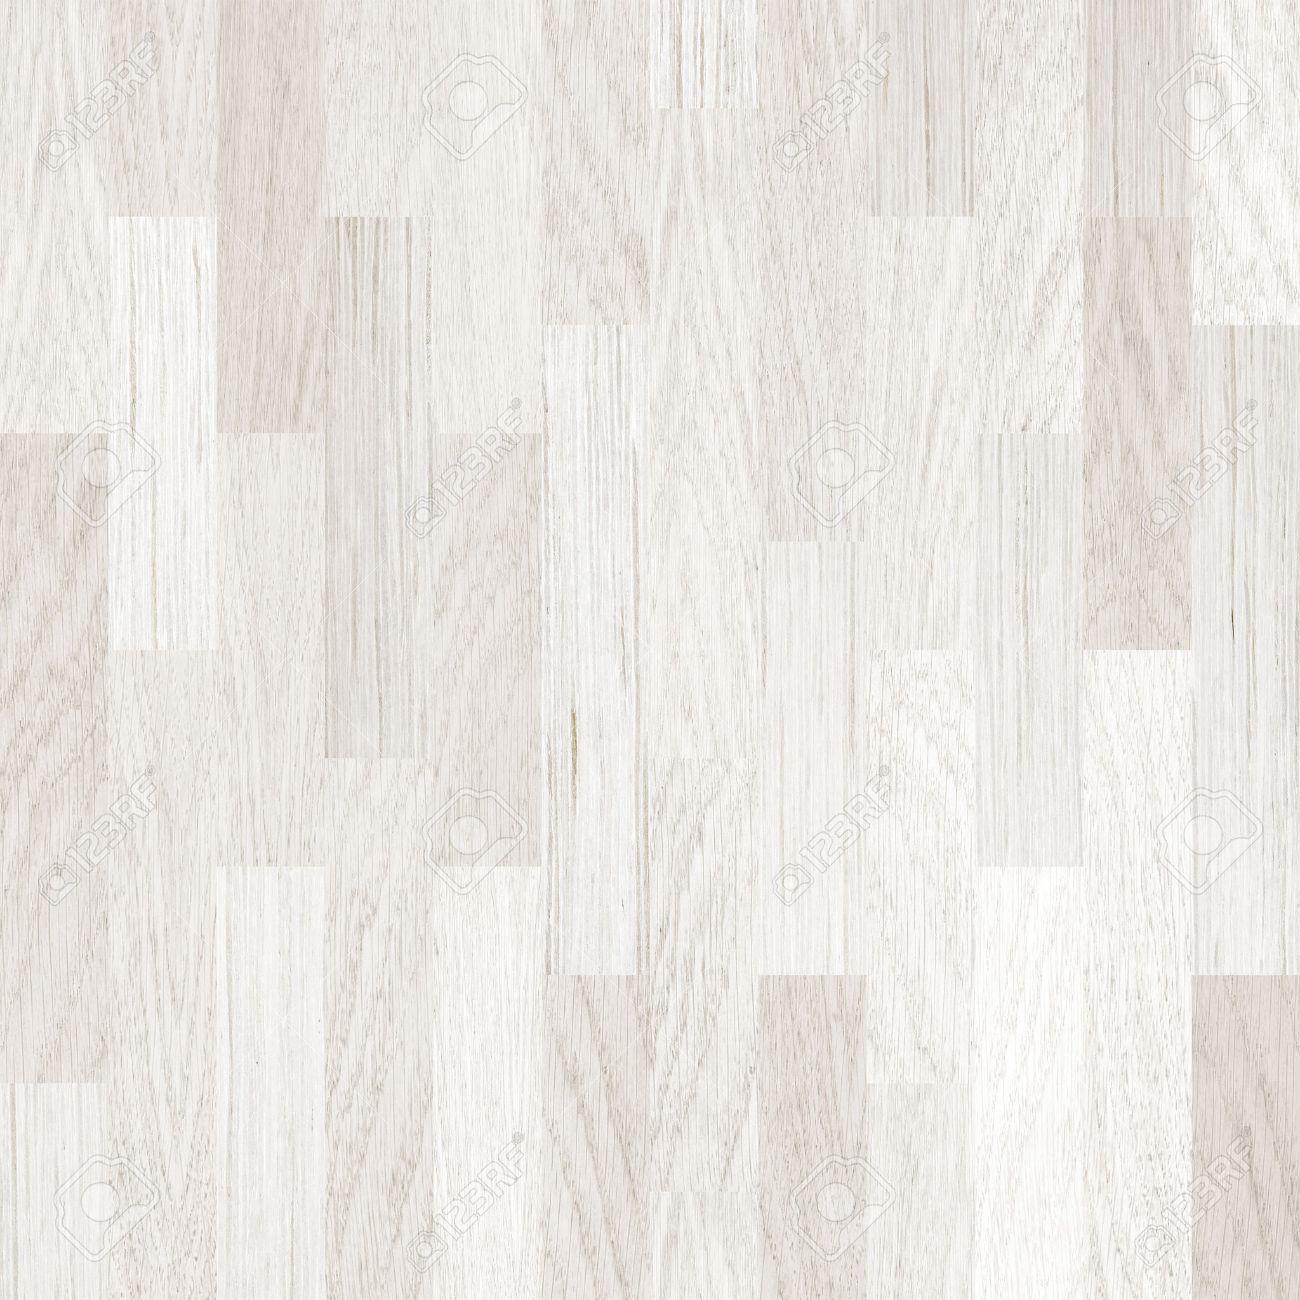 wooden floor white parquet background stock photo 24209092